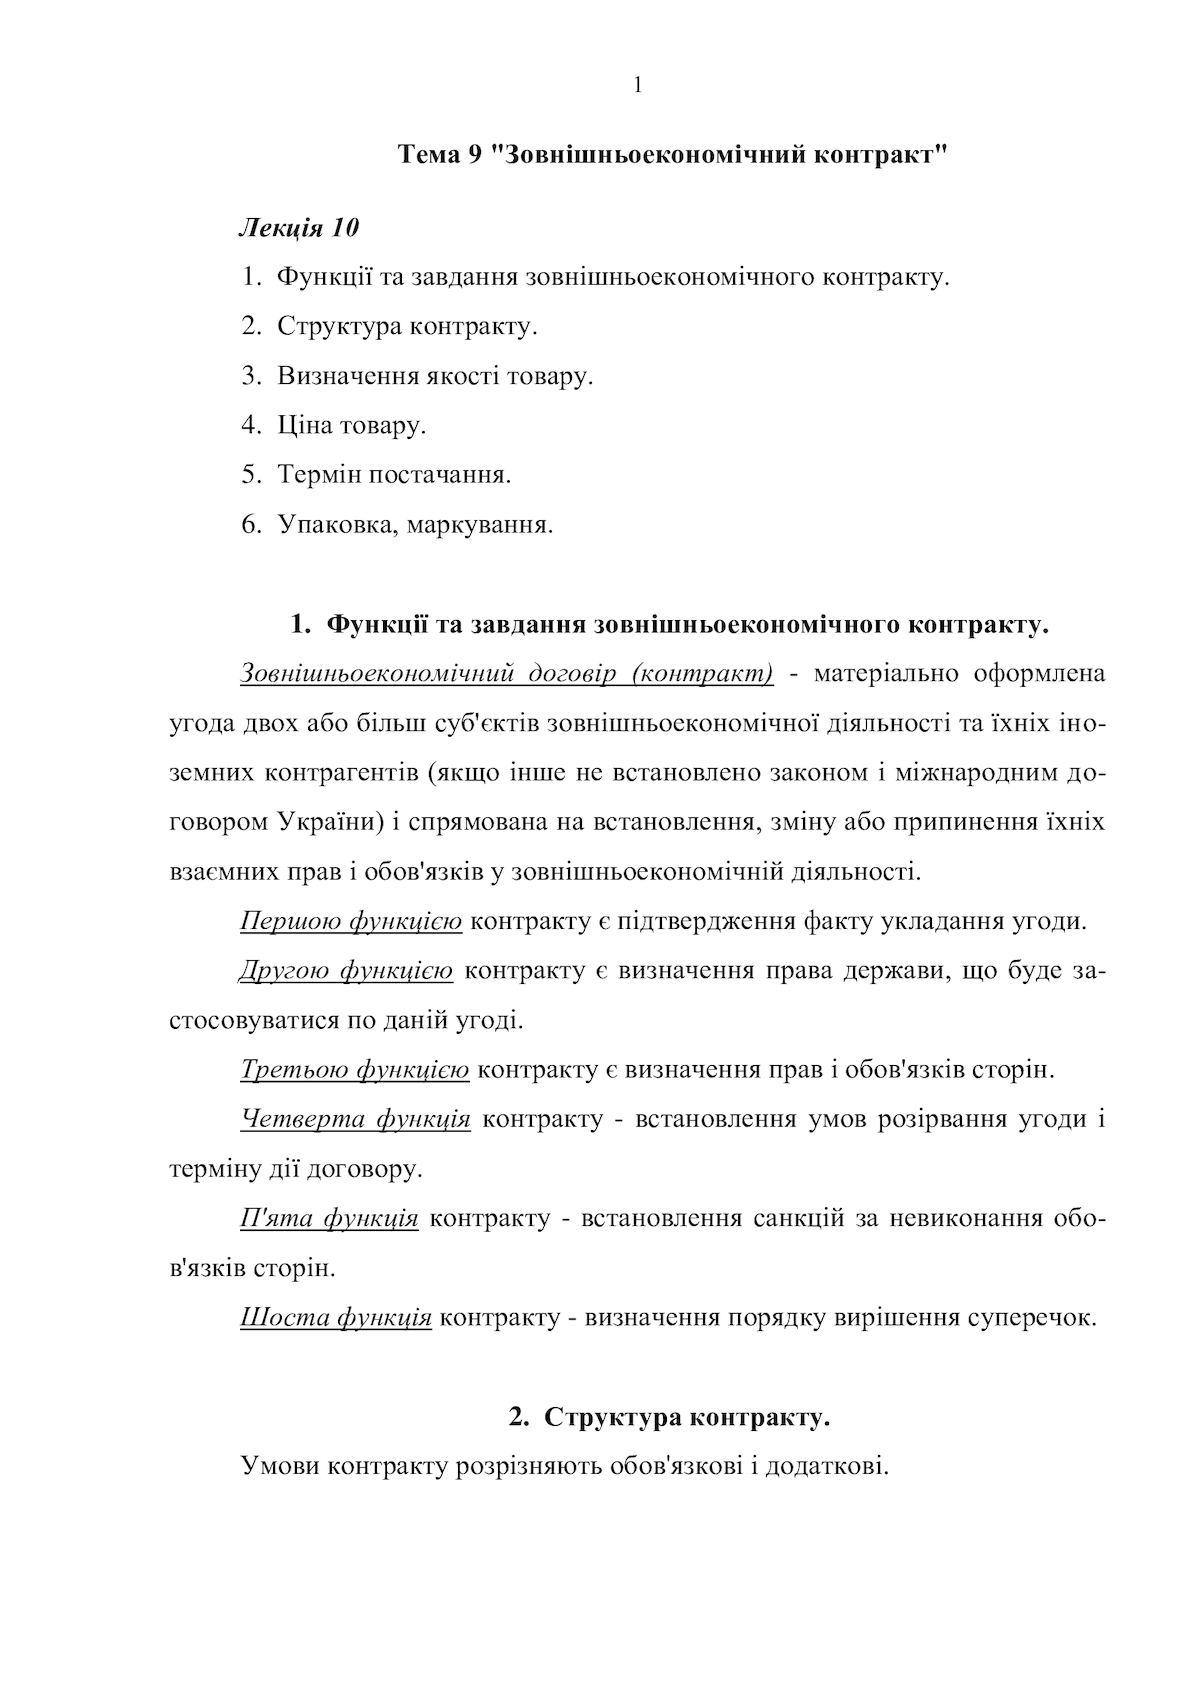 """Лекція 10 """"Зовнішньоекономічний контракт"""" (Тема 9)"""